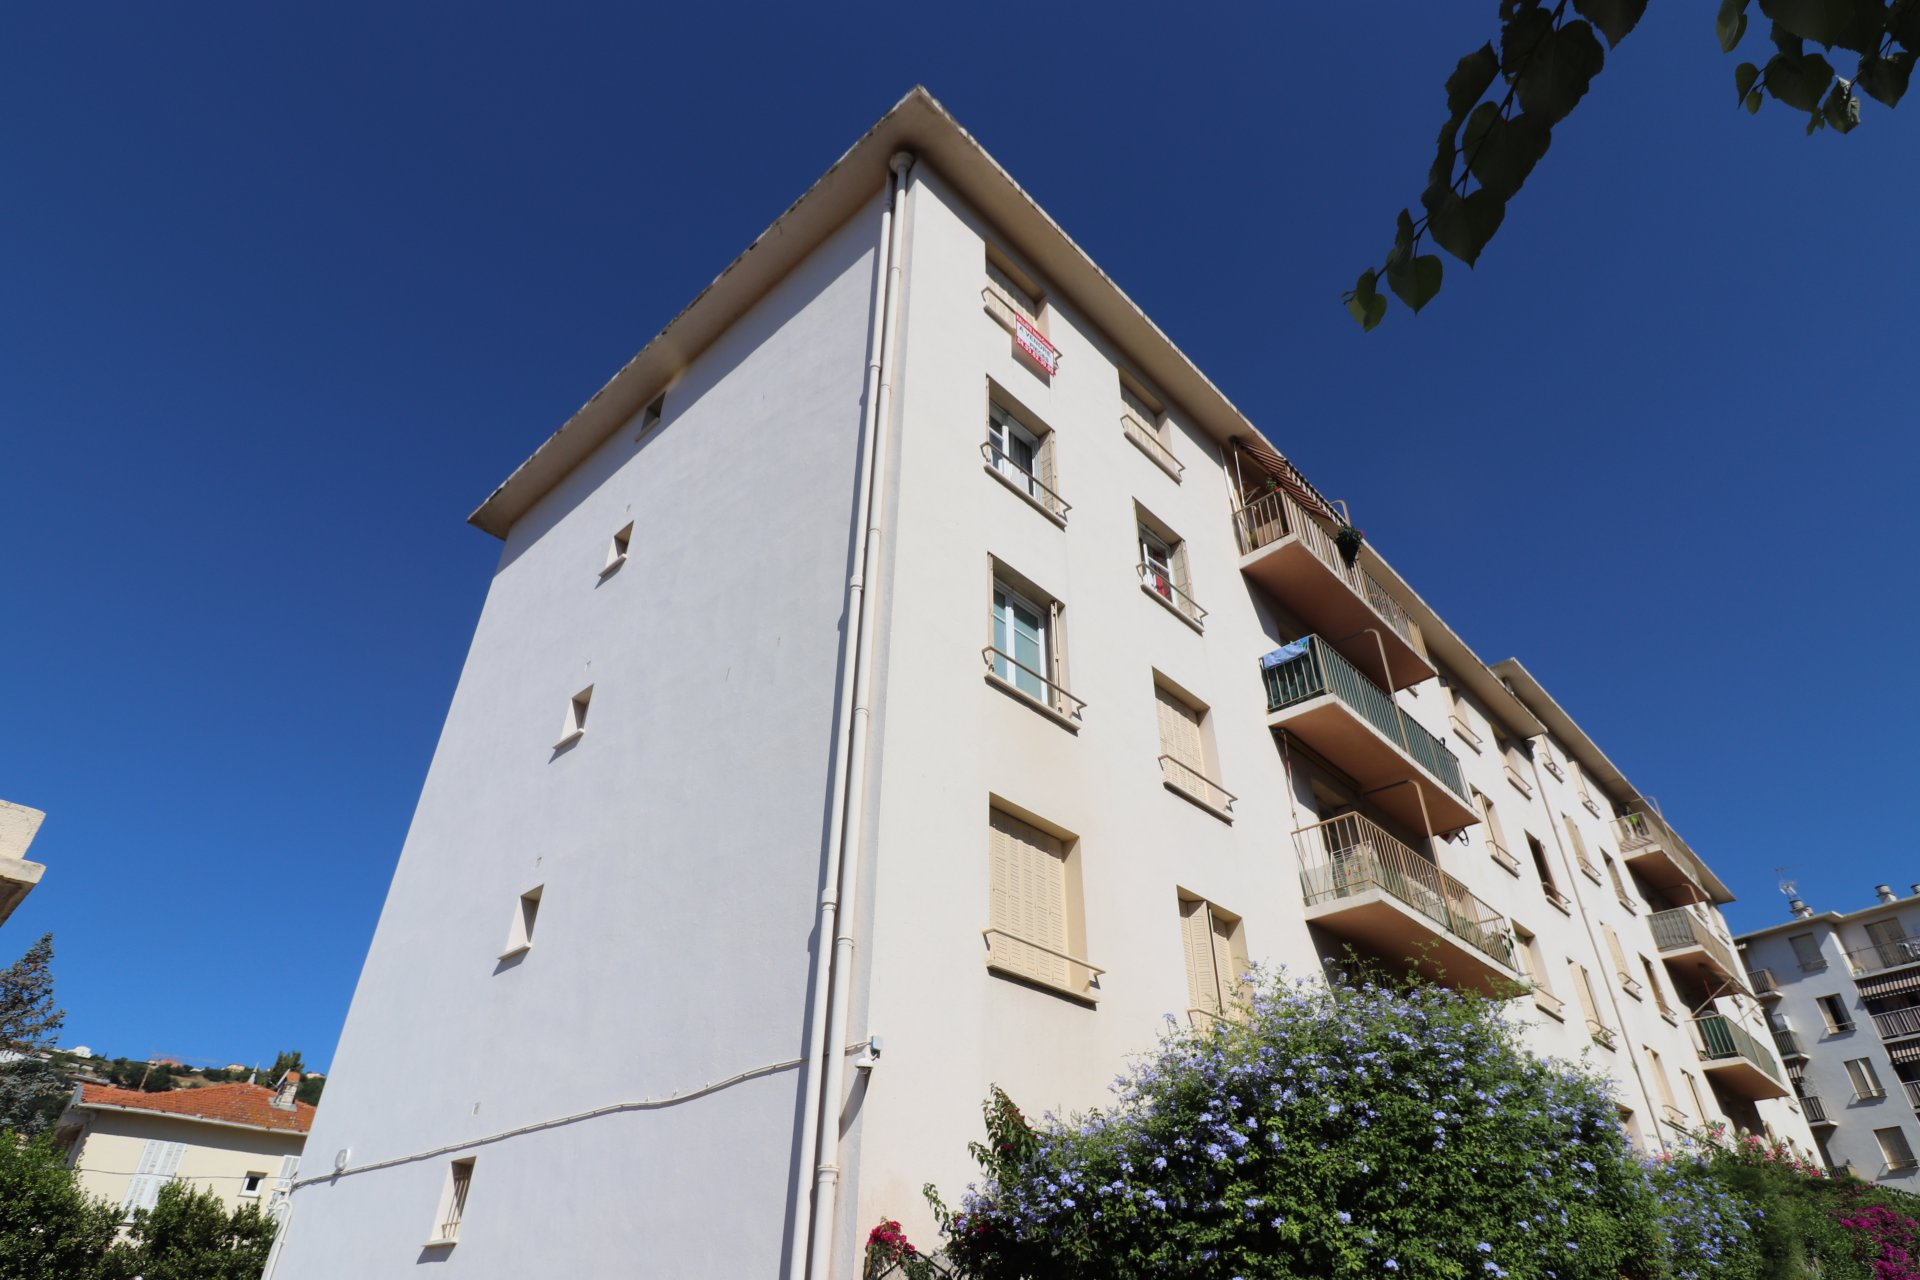 4 pièces dernier étage, balcon, cave